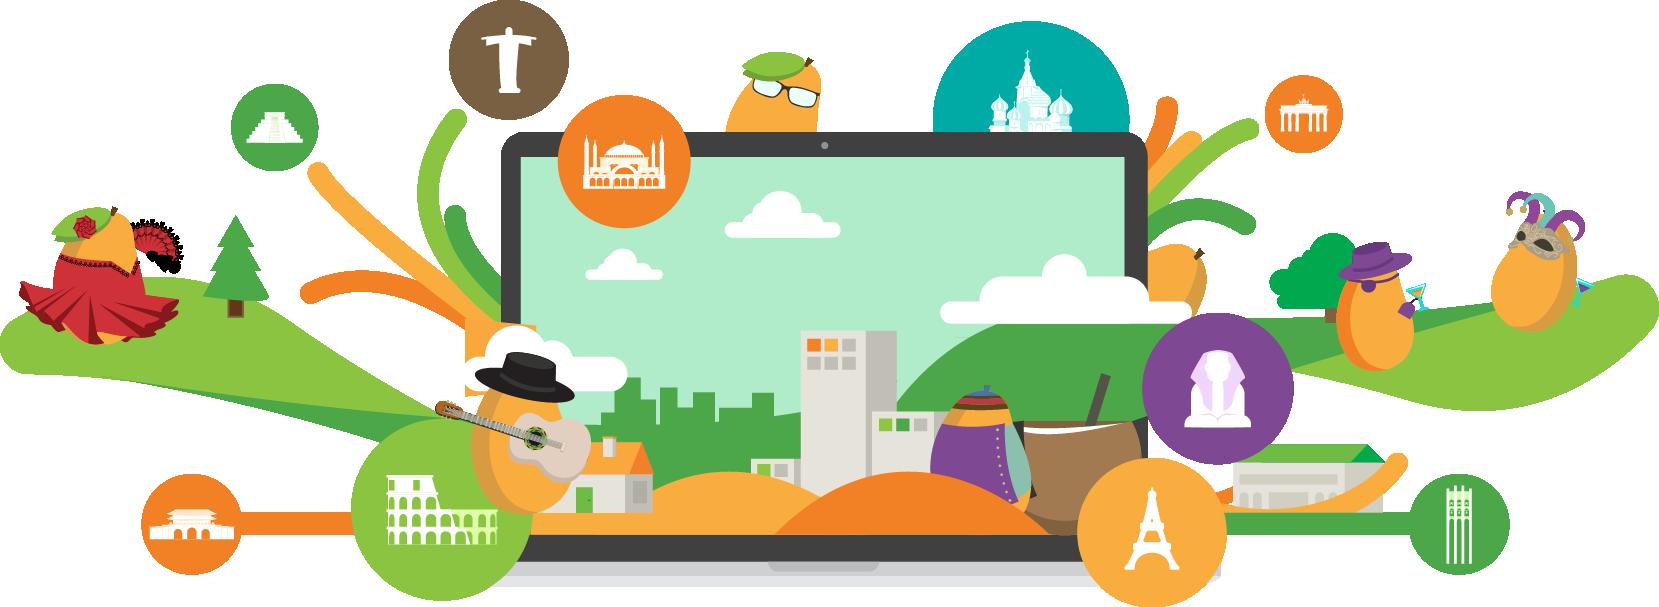 Mango Language Learning - free online language courses